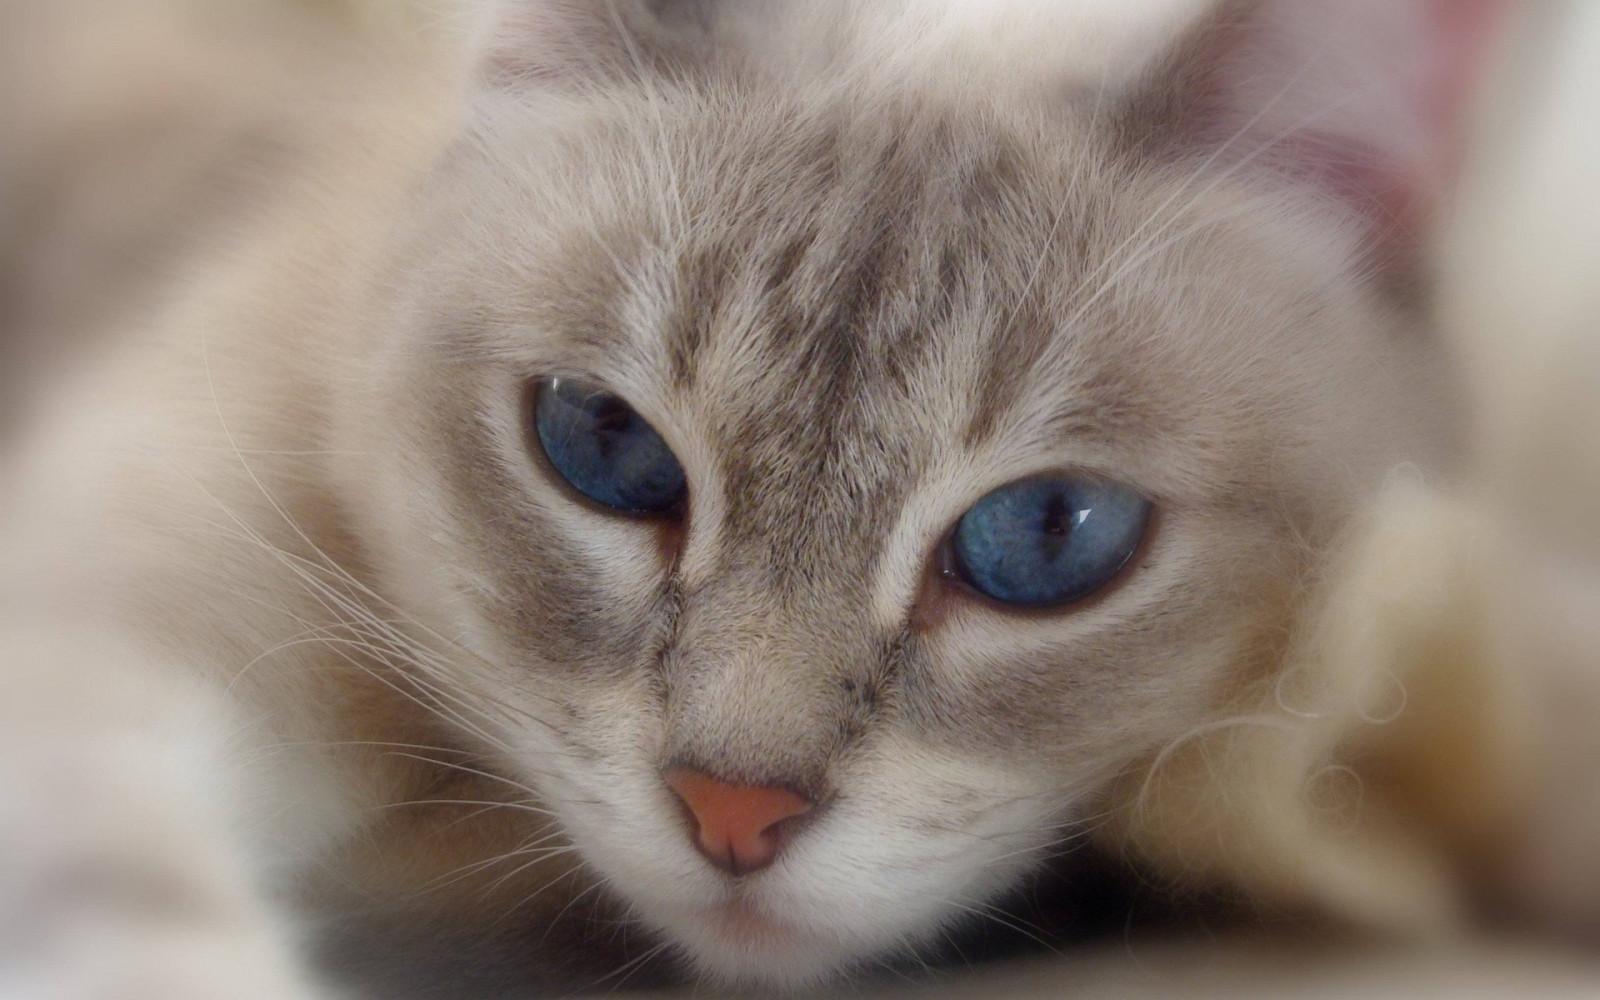 Картинки милого котенка с голубыми глазами, смешная